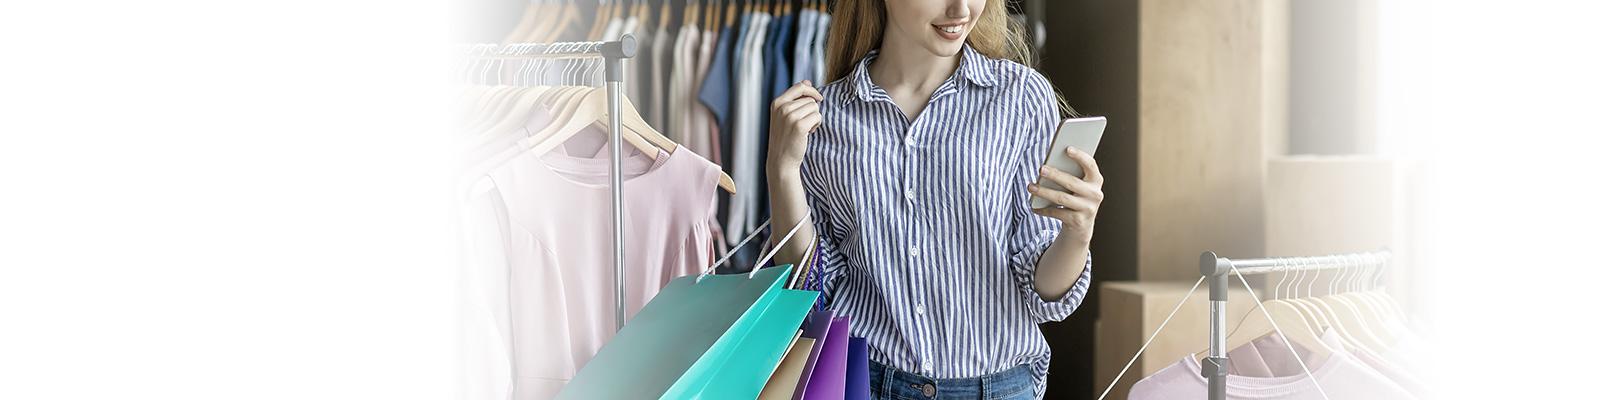 ショッピング スマートフォン 消費者 イメージ